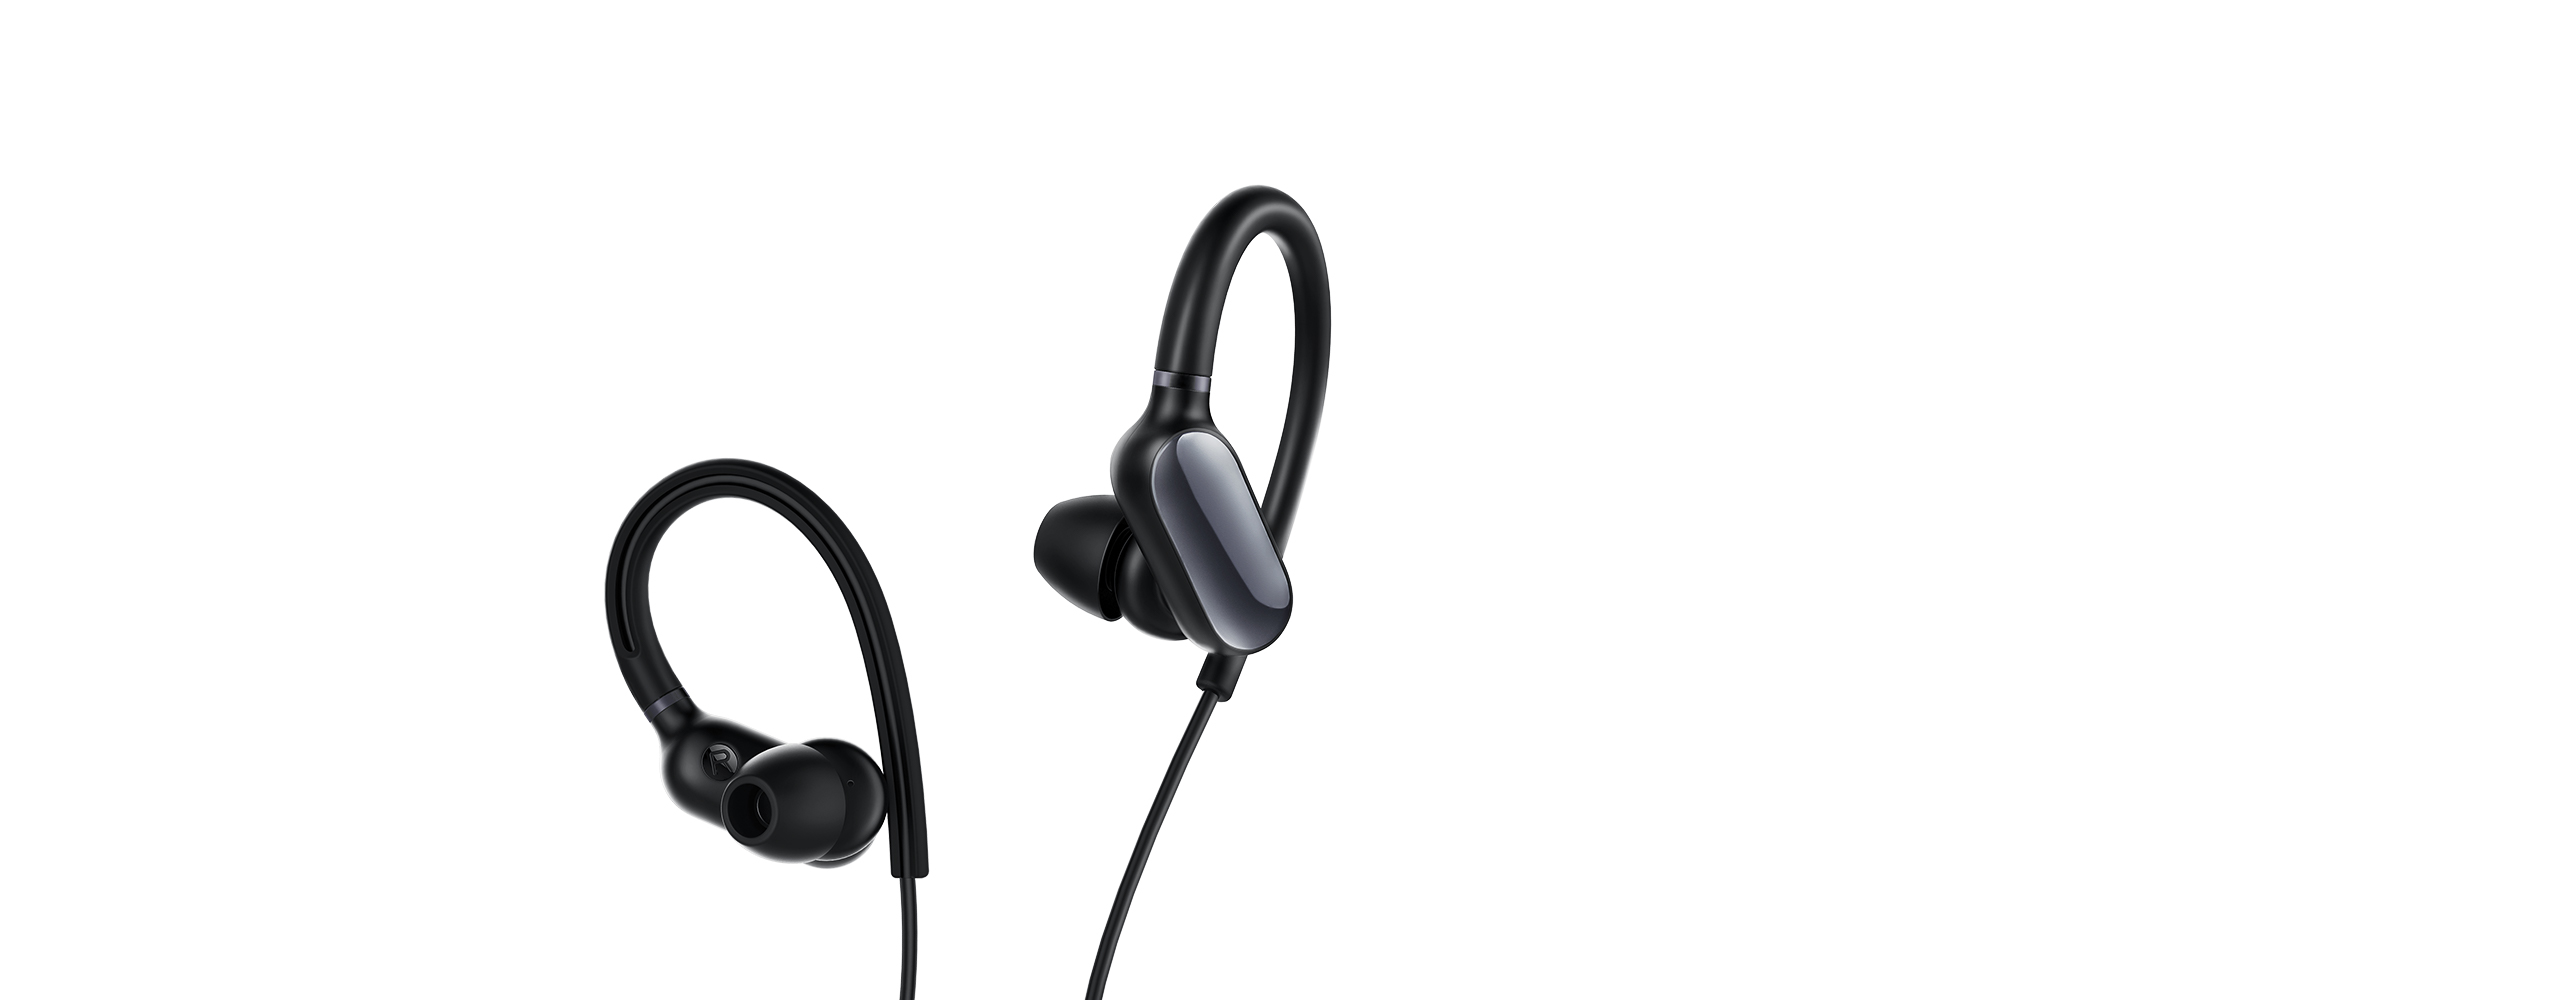 Mi Sports Bluetooth Earphones Mini Xiaomi United States